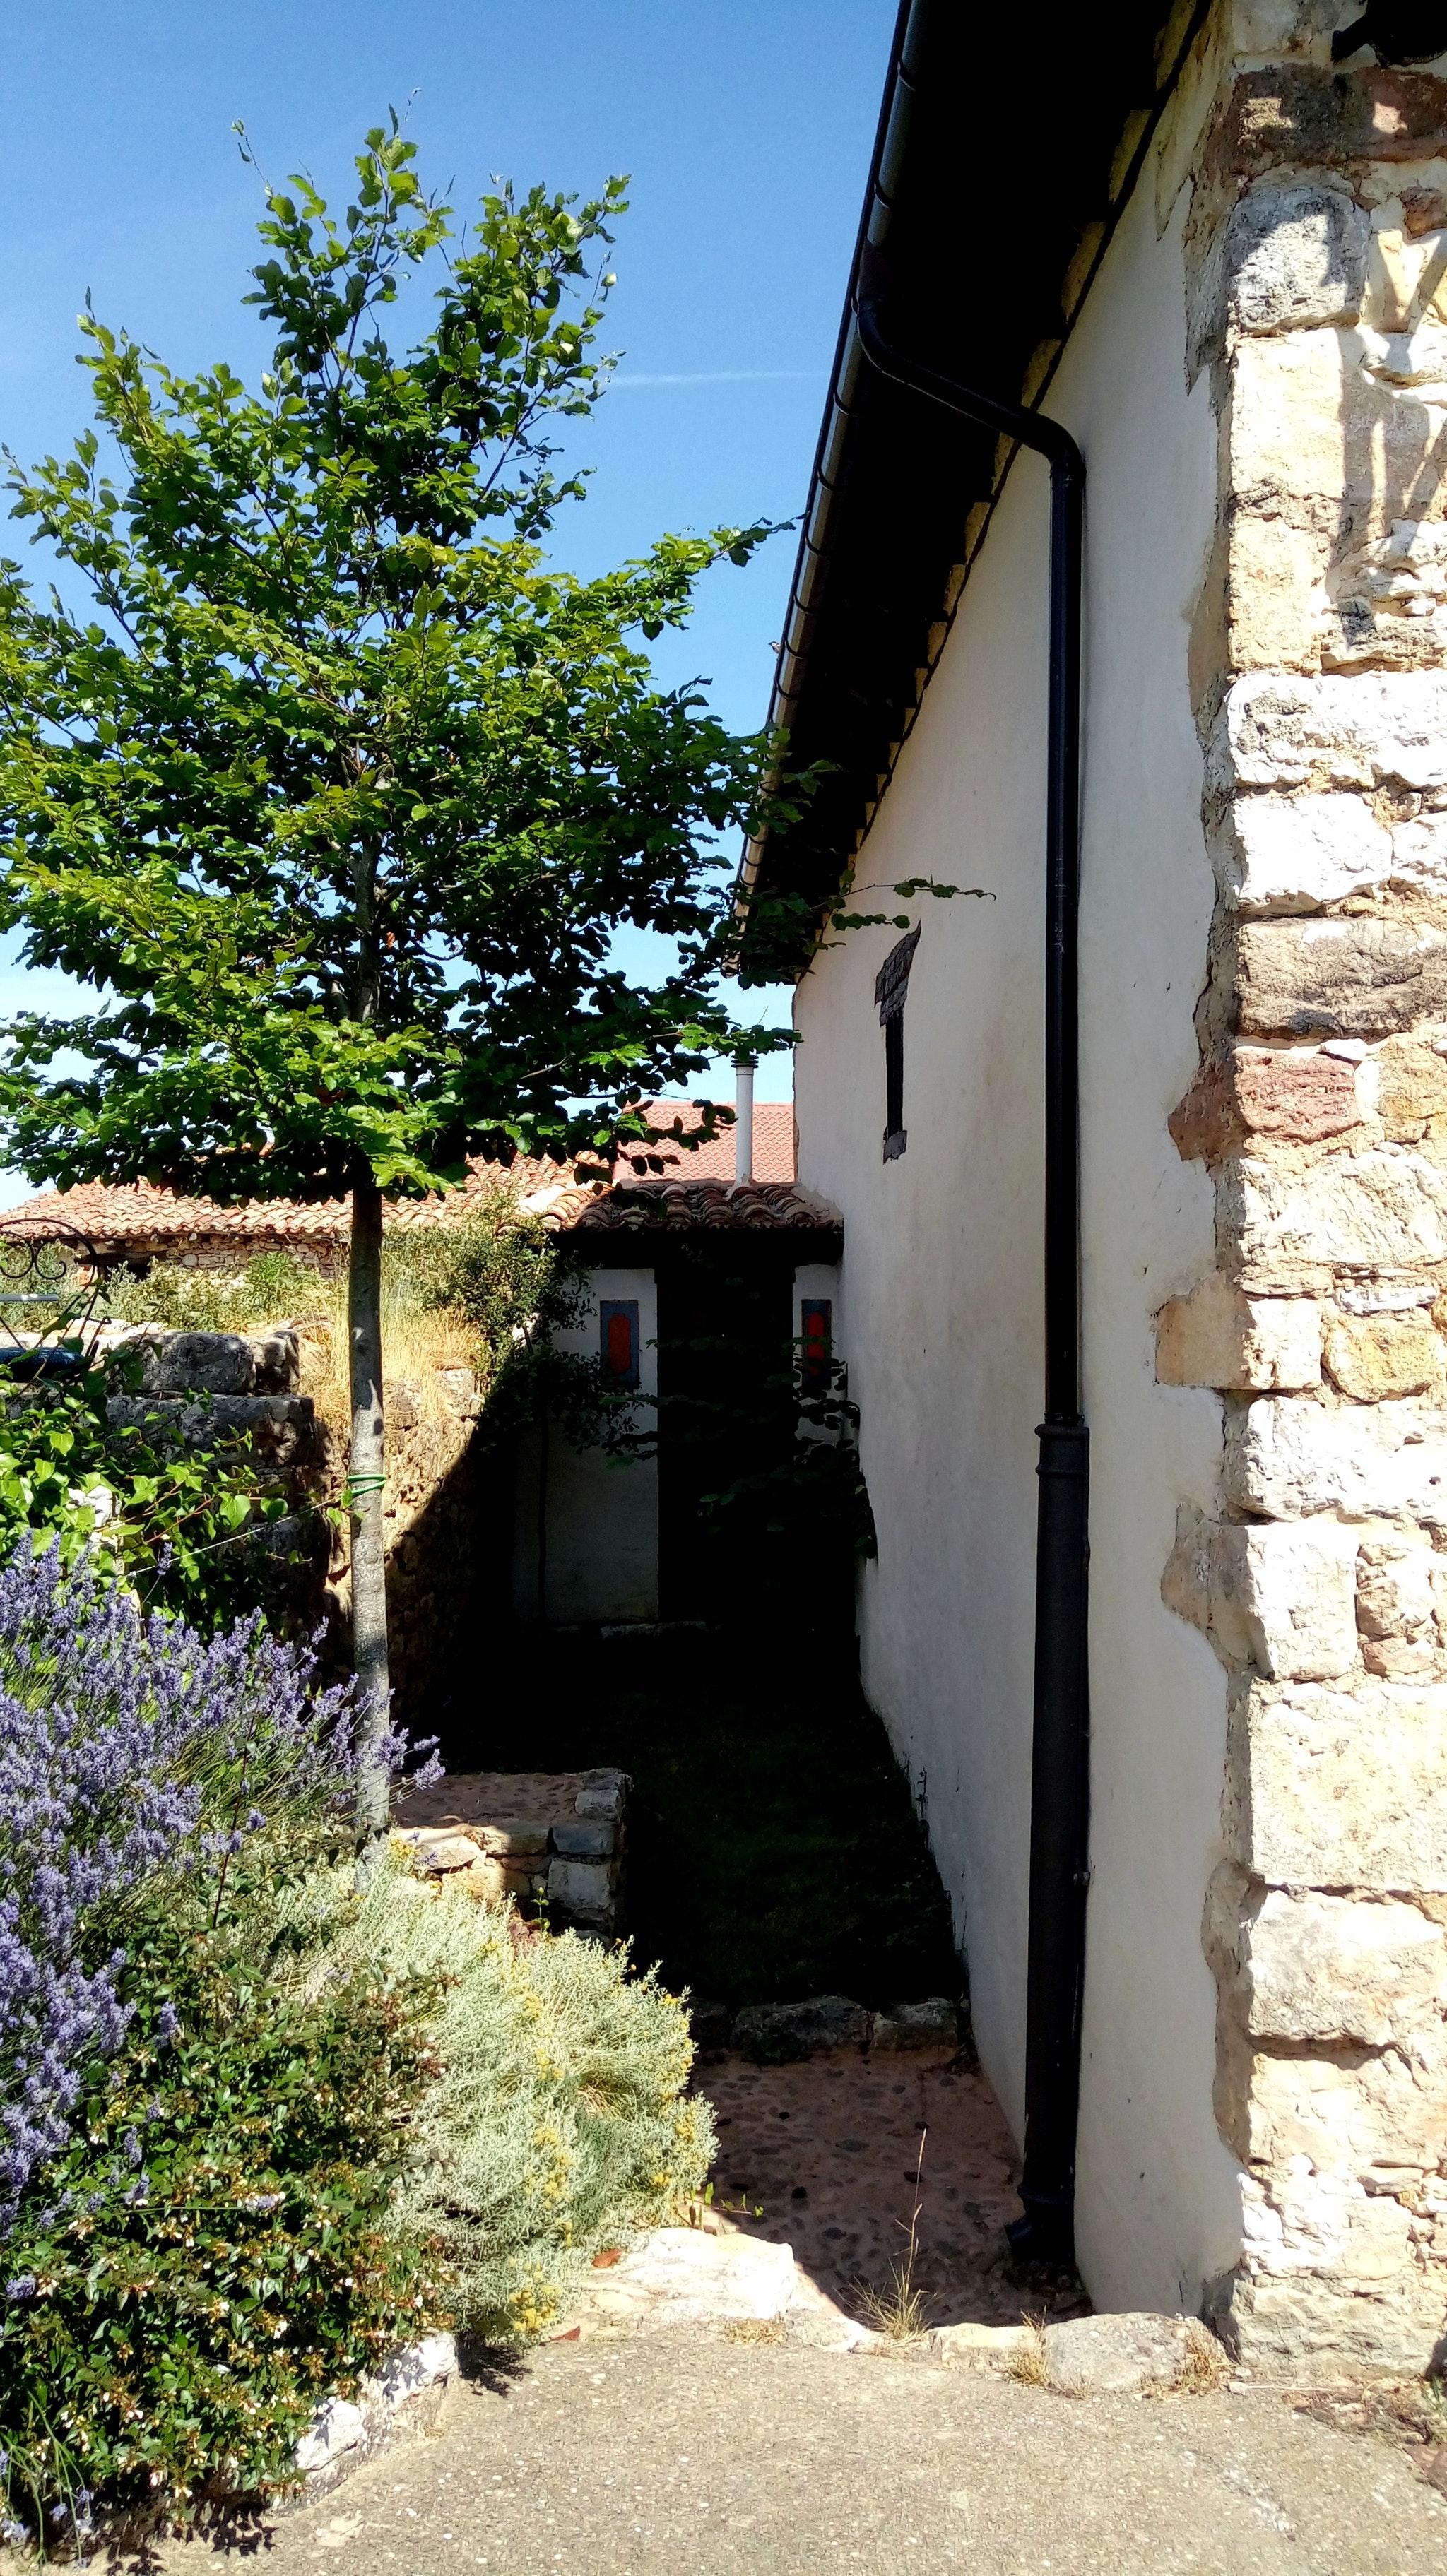 Ferienhaus Haus mit 5 Zimmern in Fuenteodra mit toller Aussicht auf die Berge, eingezäuntem Garten un (2211142), Fuenteodra, Burgos, Kastilien-León, Spanien, Bild 60